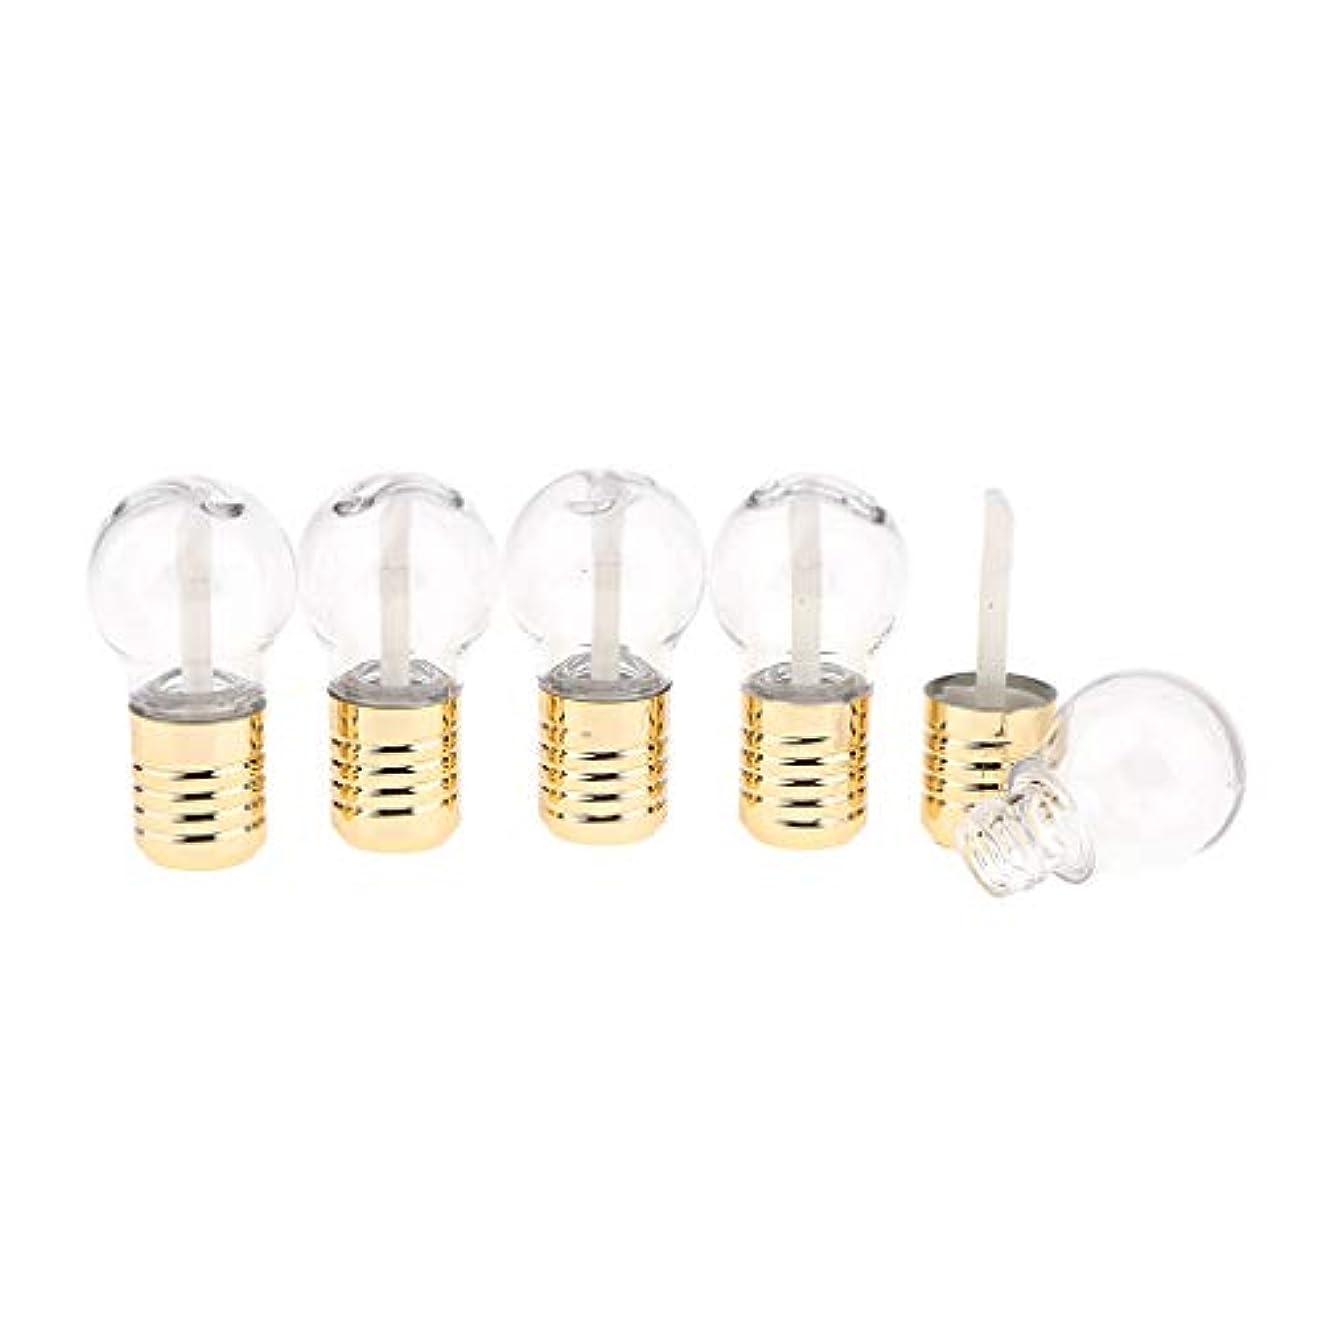 大事にする本土スチュワードB Blesiya 5本入り 電球の形 リップ容器 リップグロス 空詰め替えリップチューブ